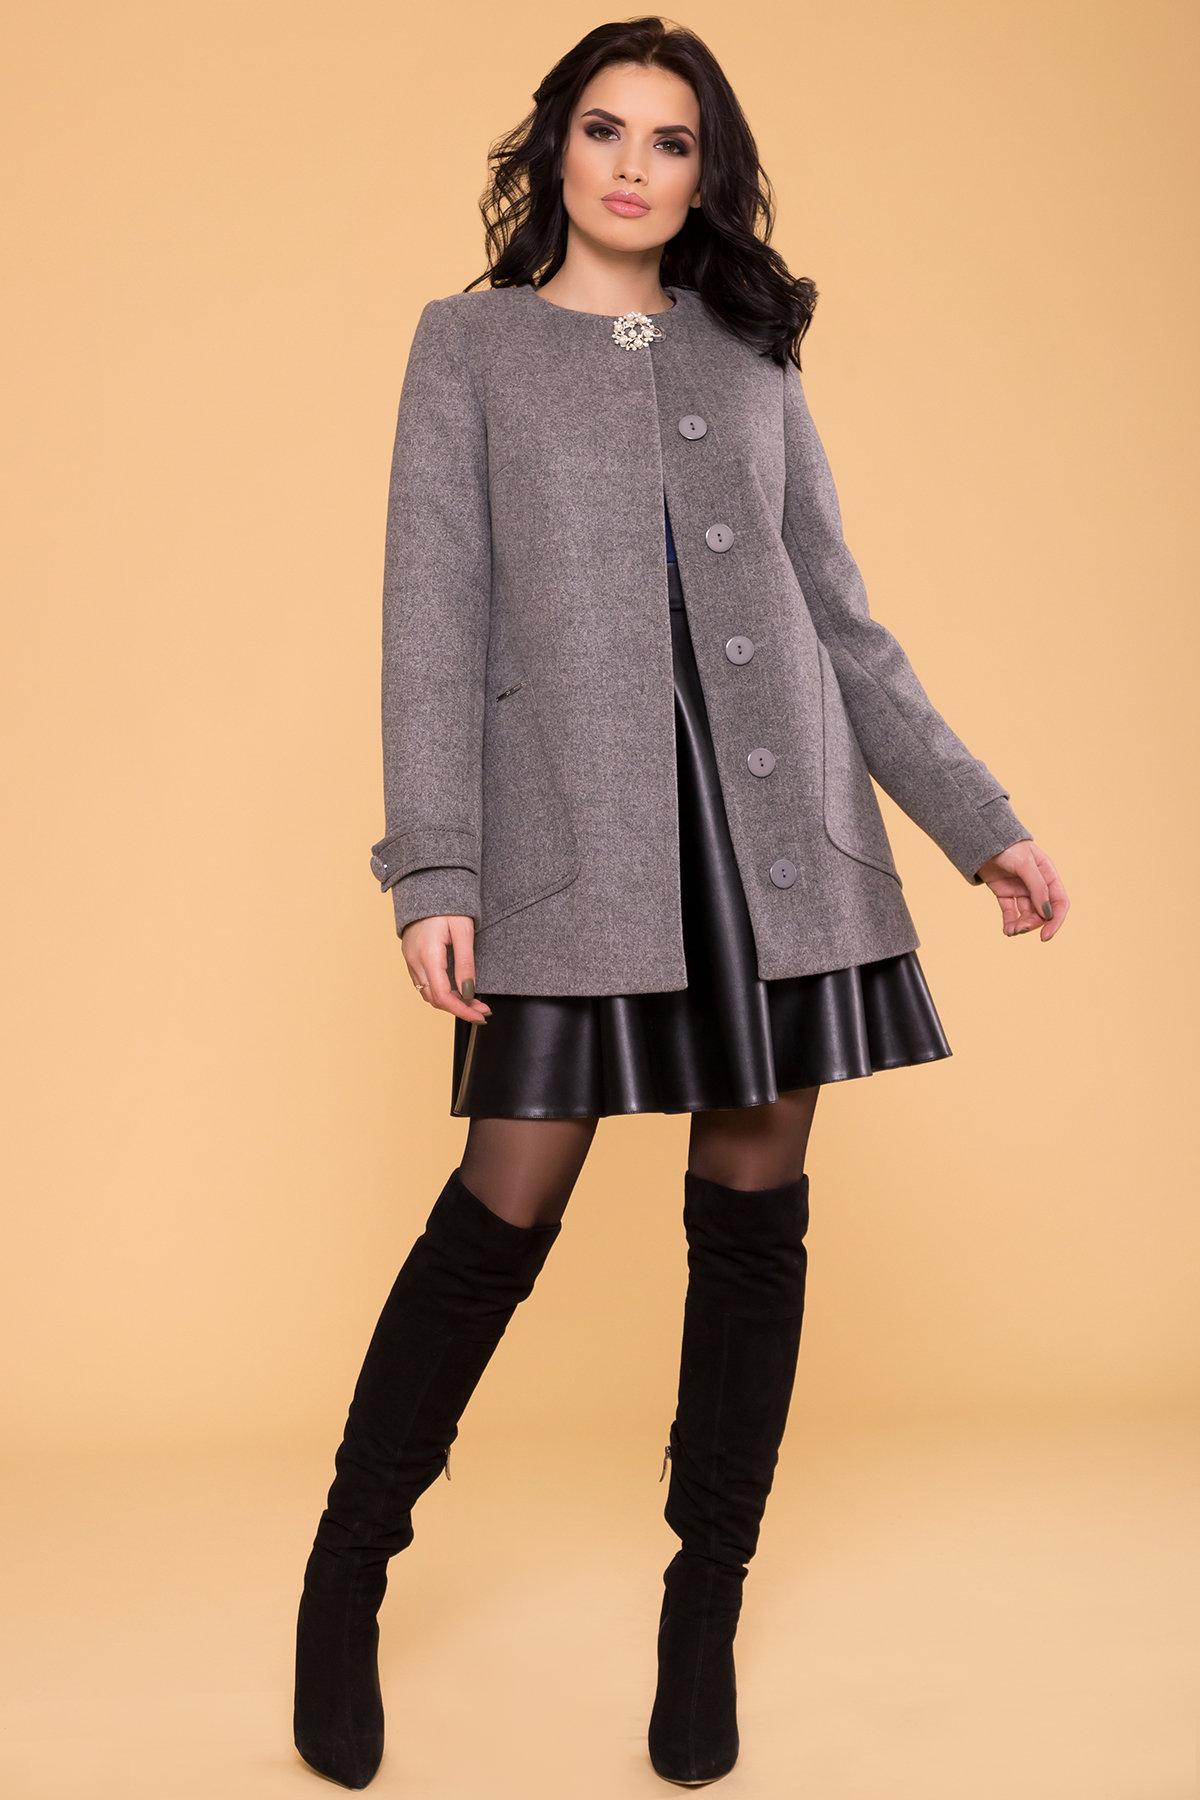 Пальто Латте 5636 АРТ. 37736 Цвет: Серый 18 - фото 3, интернет магазин tm-modus.ru